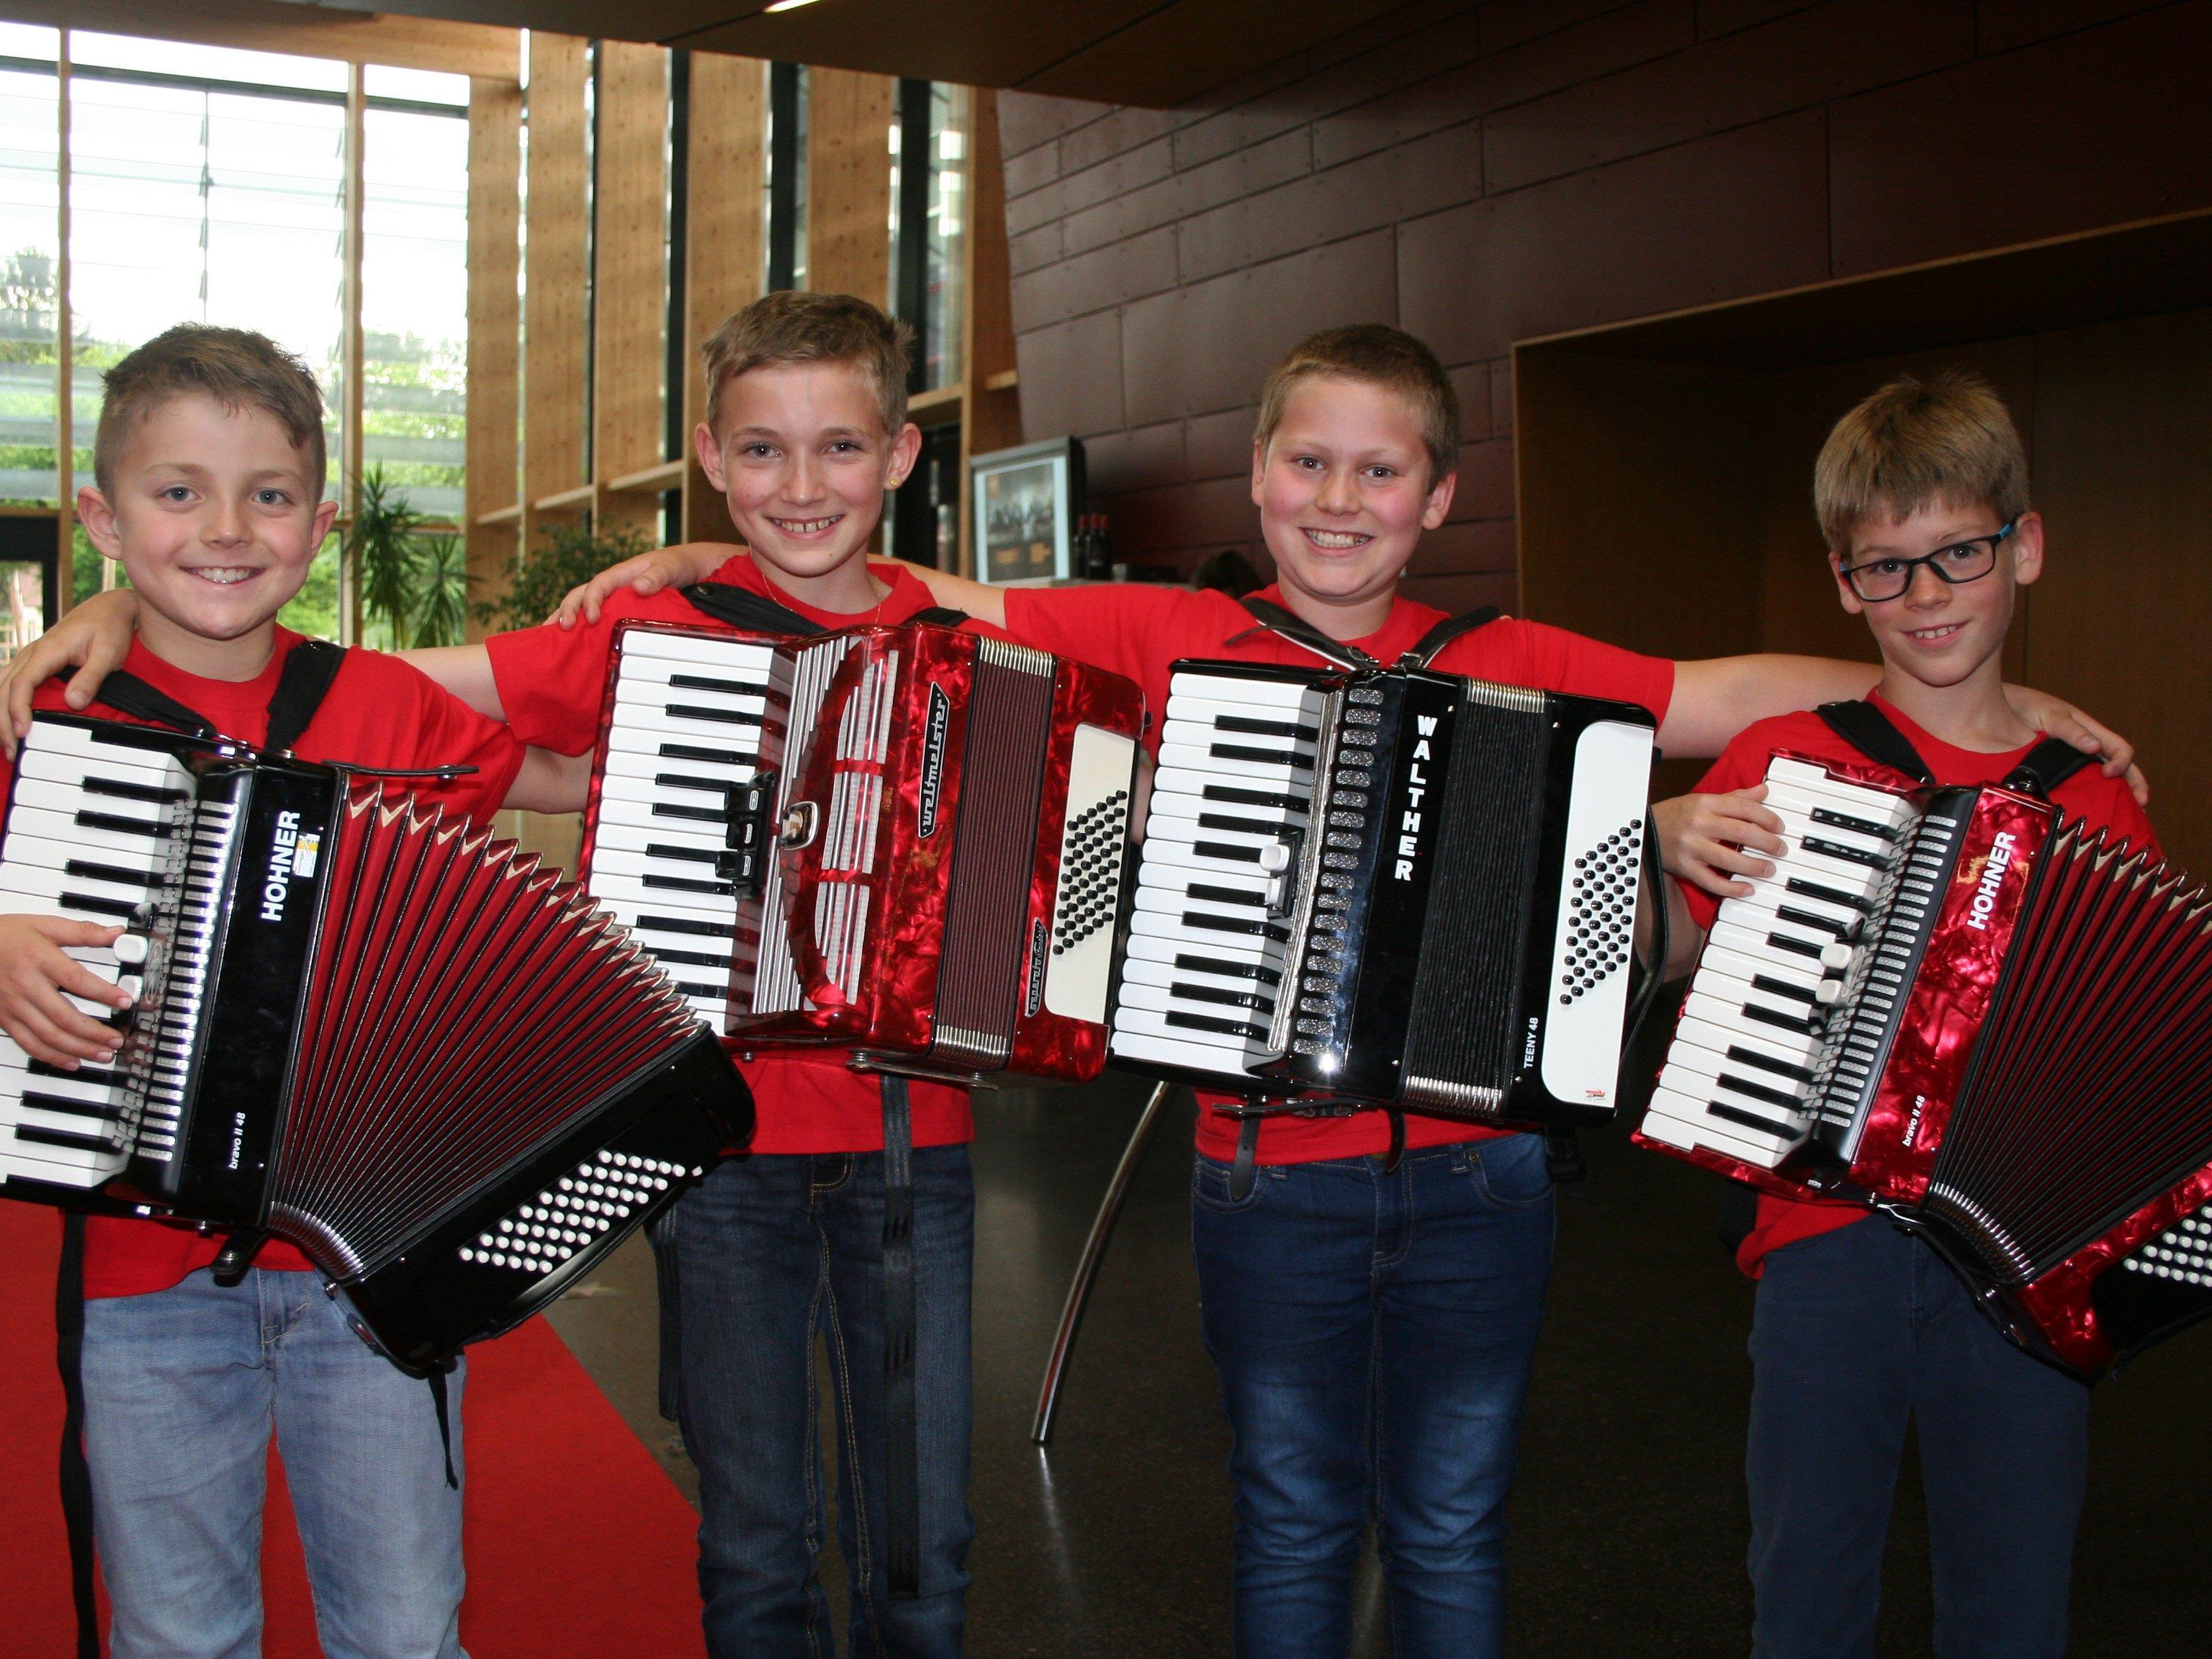 Samuel, Lukas, Samuel und Tobias von der Musikschule Tonart sorgten für einen tollen Gastauftritt.